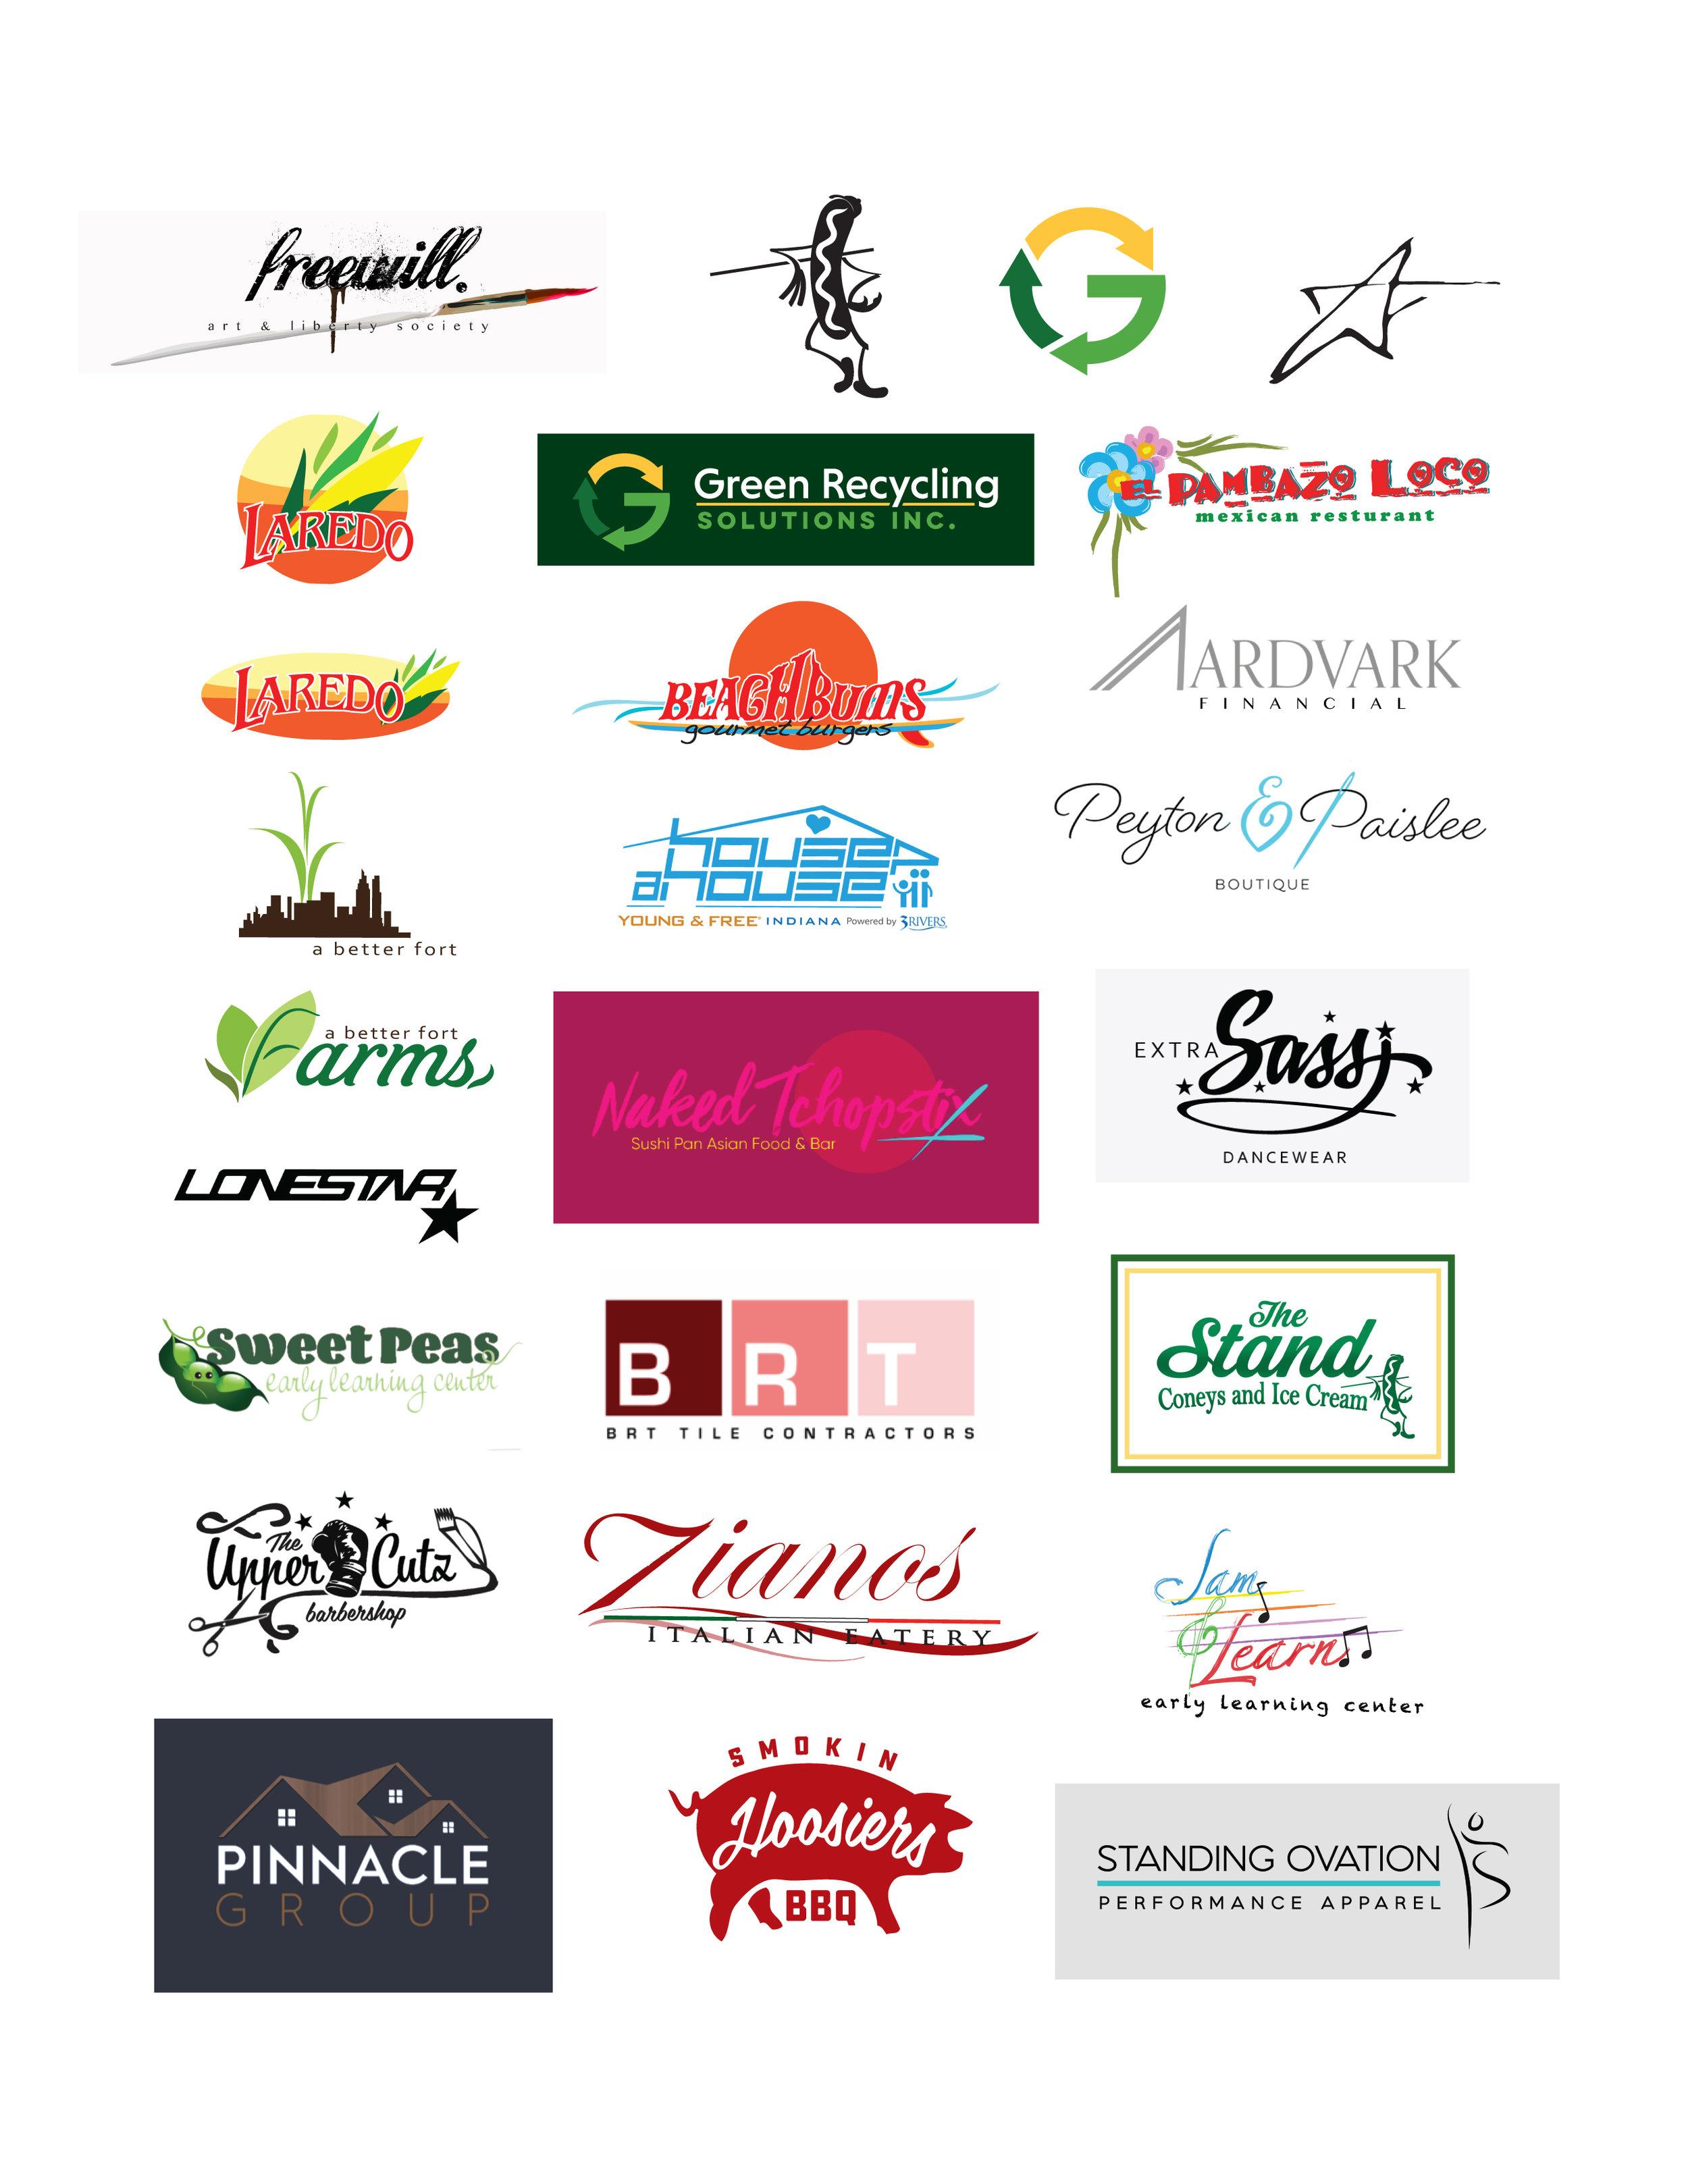 lonestar-logo-design.jpg